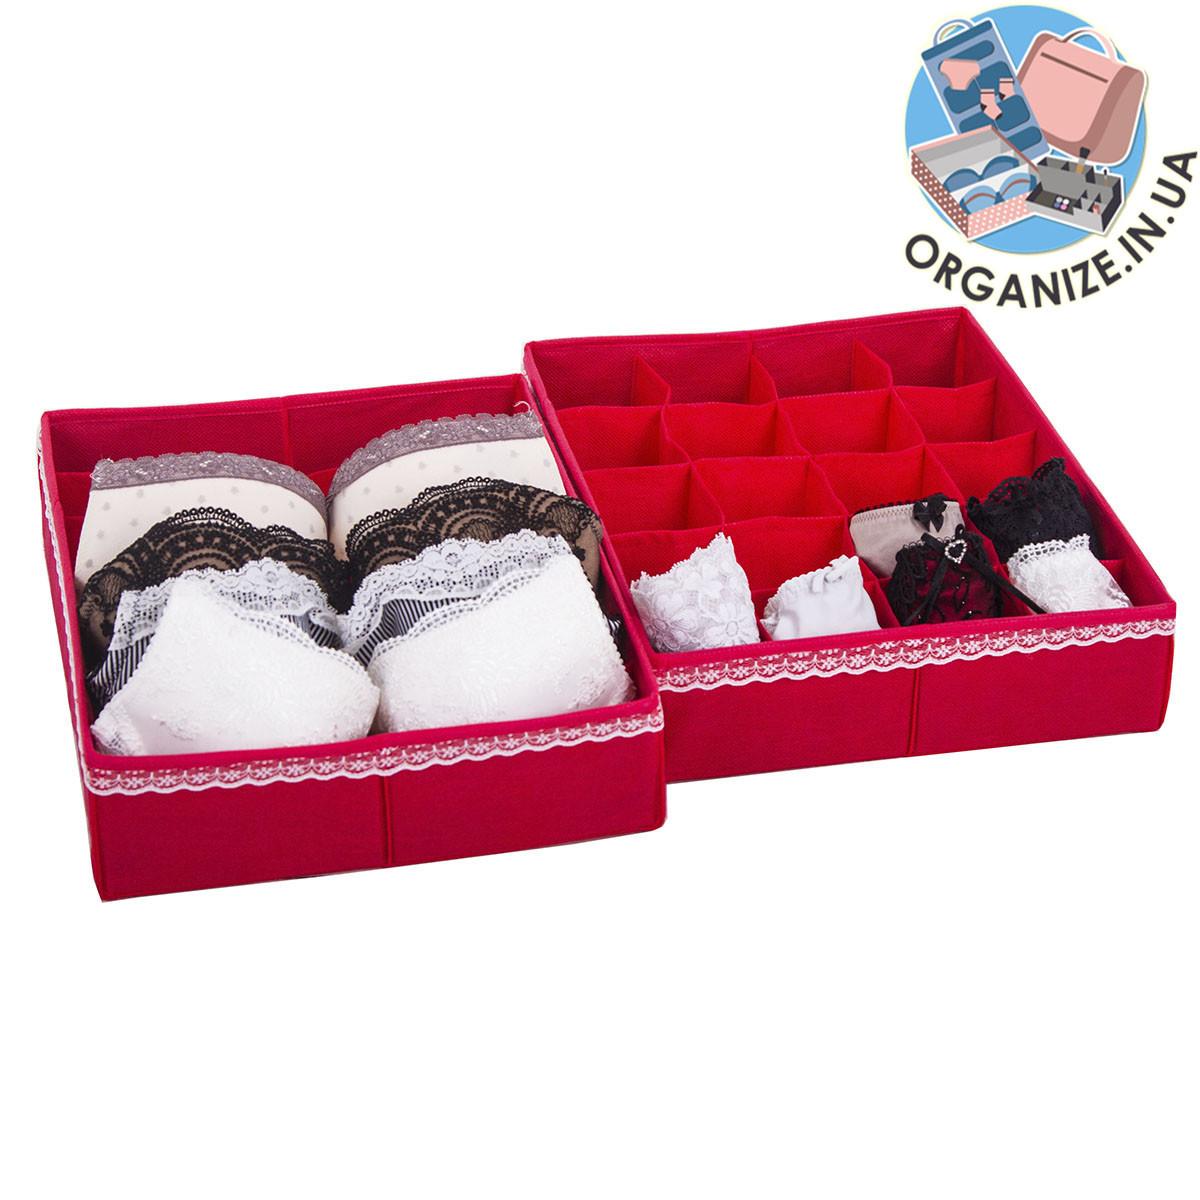 Комплект органайзеров для белья ORGANIZE 2 шт (кармен)